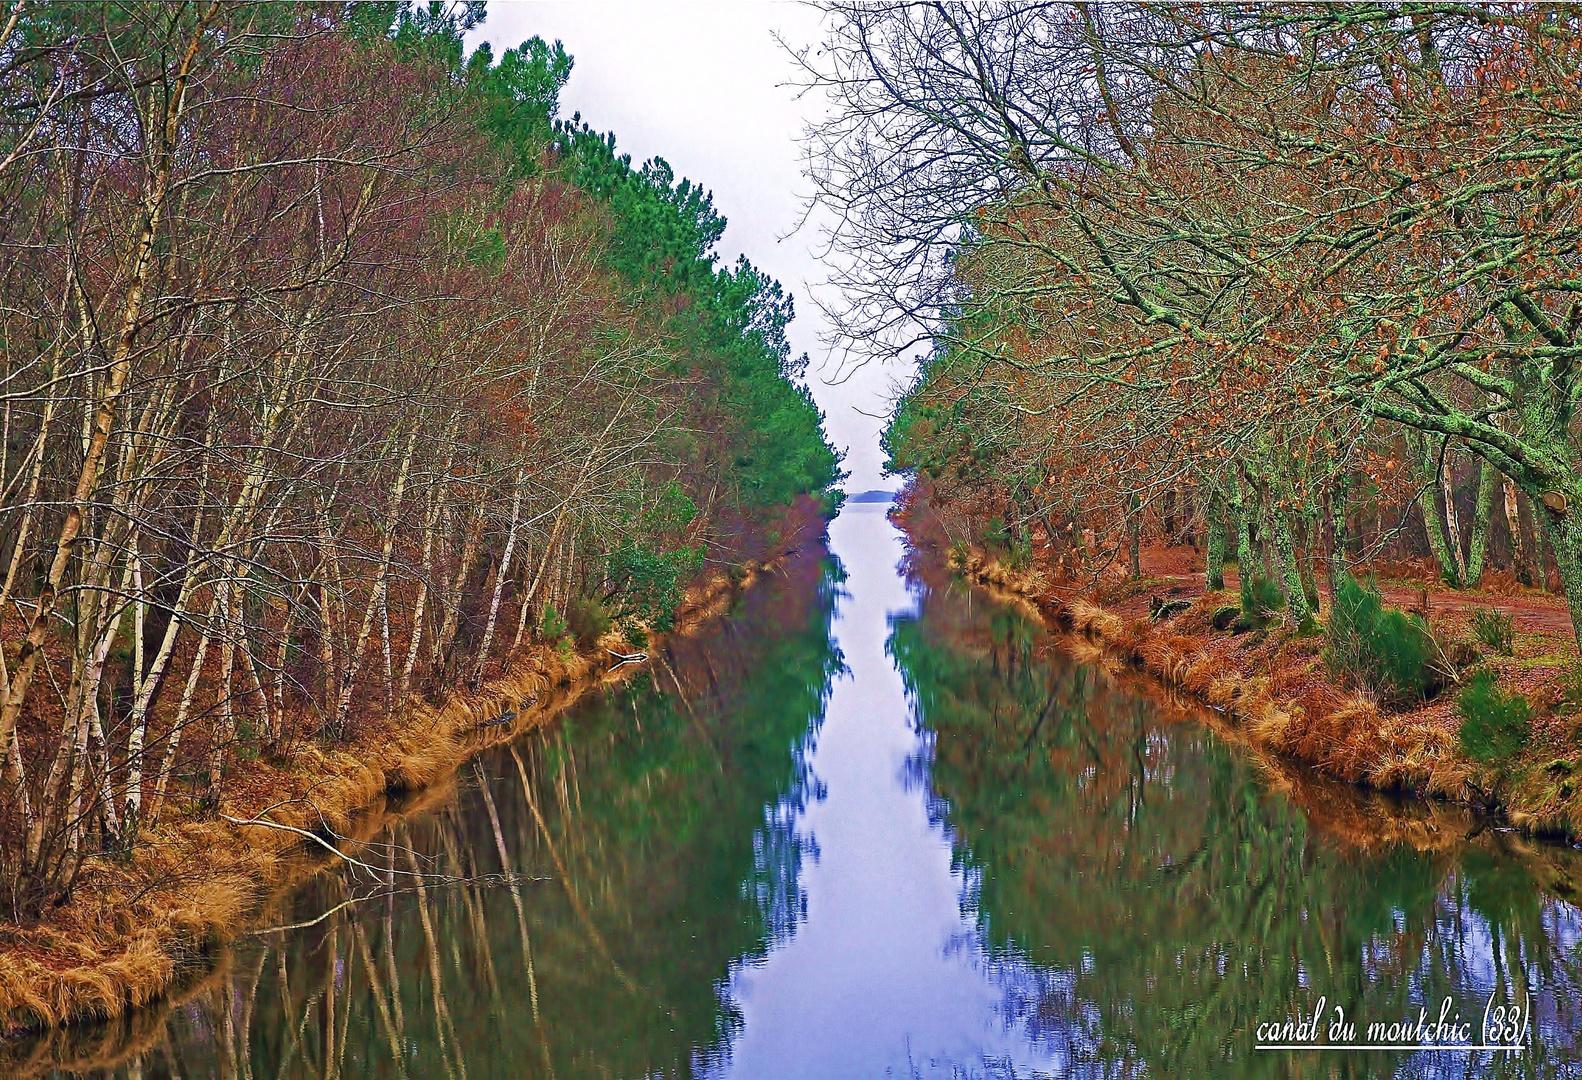 le canal du moutchic